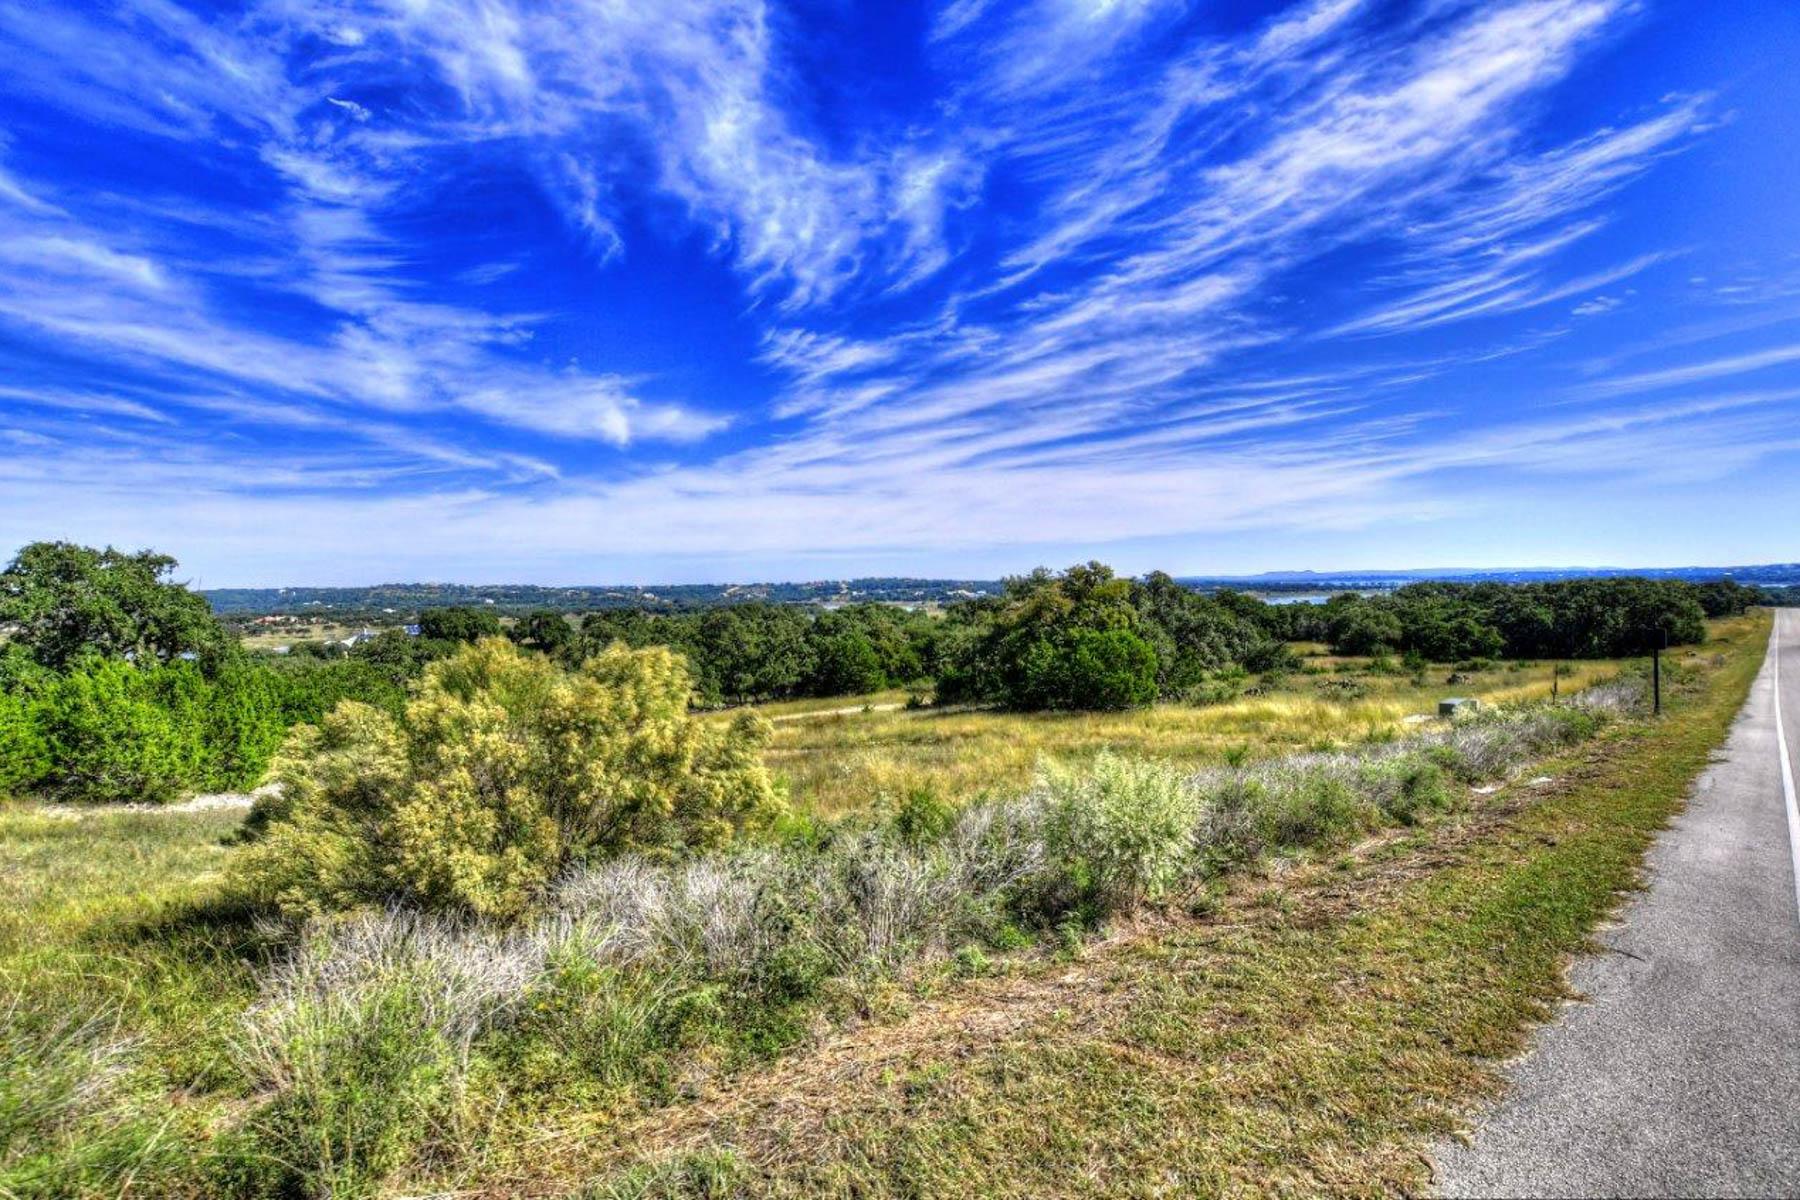 Comercial por un Venta en Outstanding Waterfront Site 2124 SAN JOSE Way Canyon Lake, Texas 78133 Estados Unidos